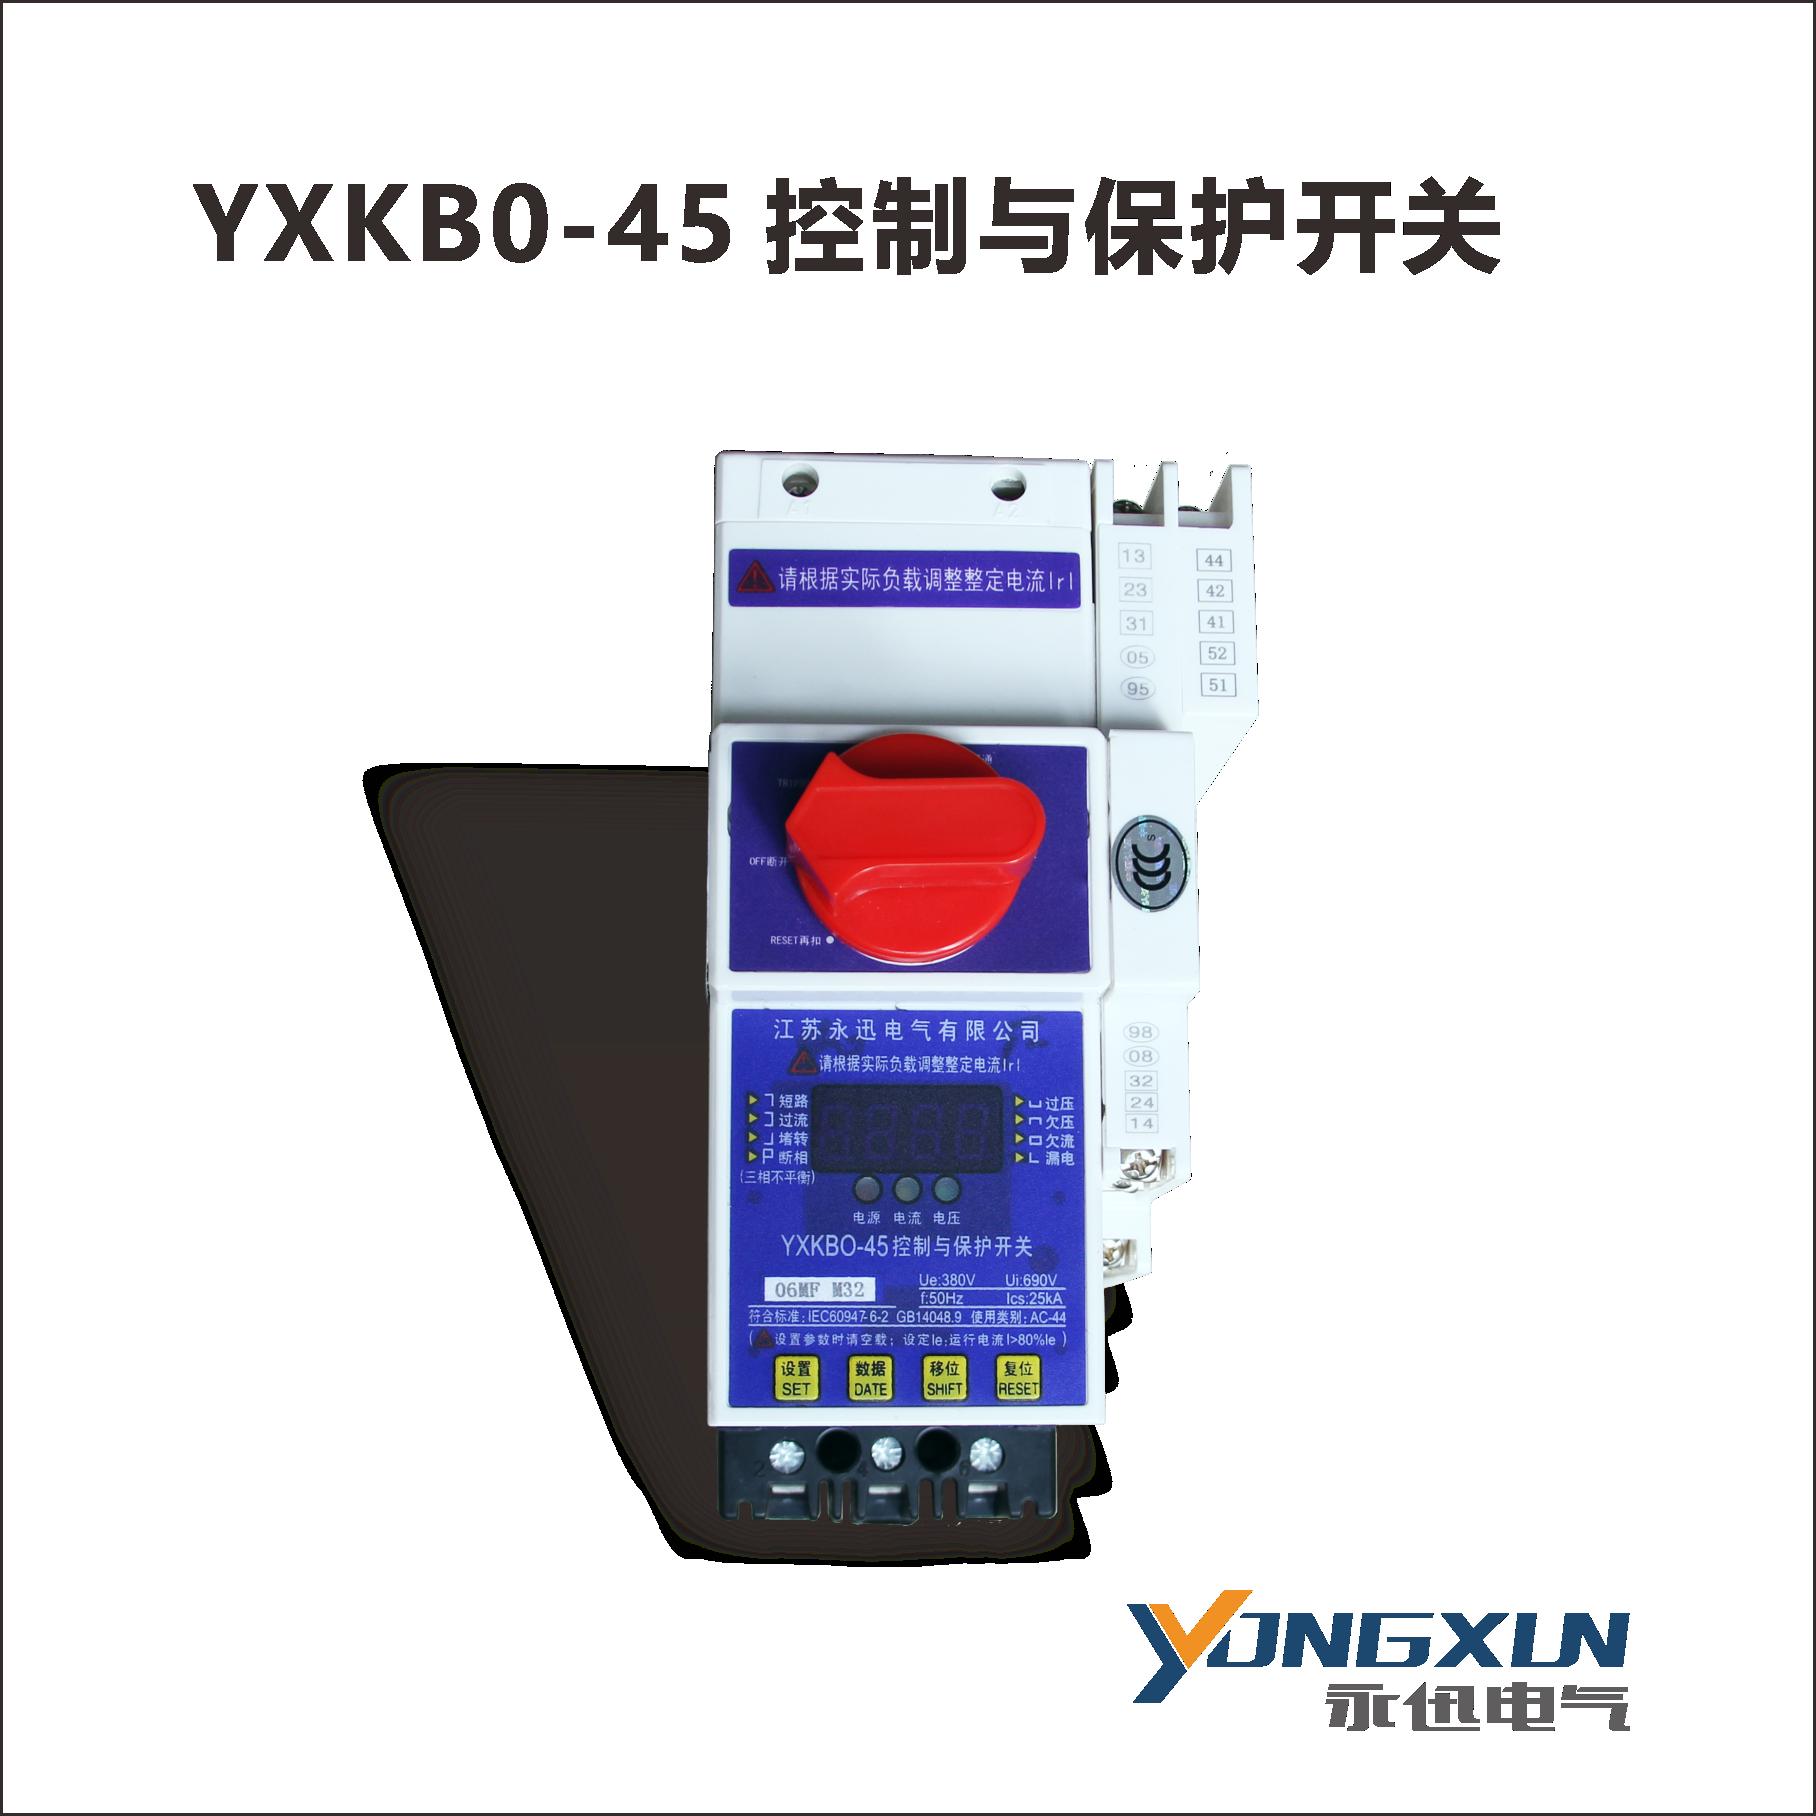 YXKB0-45系列控制与保护开关